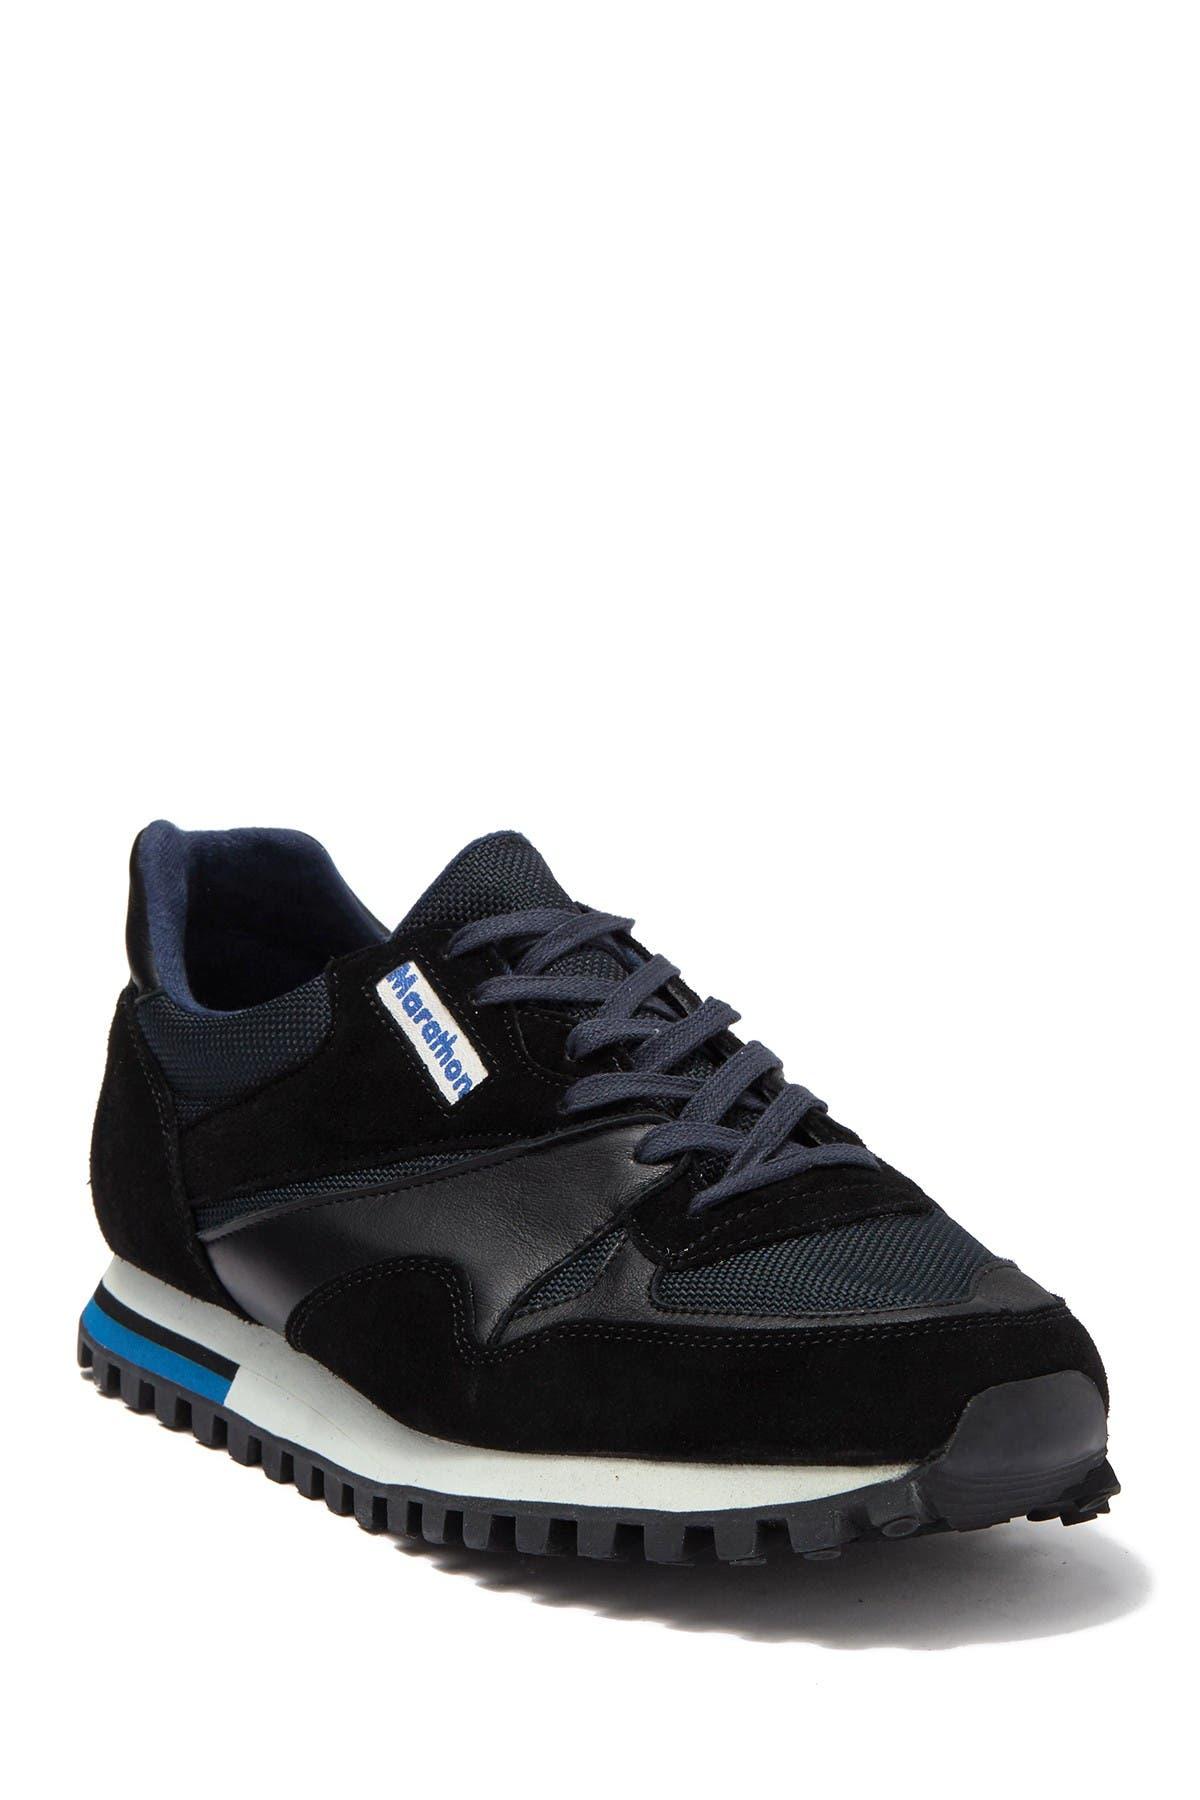 ZDA | Marathon Sneaker | Nordstrom Rack